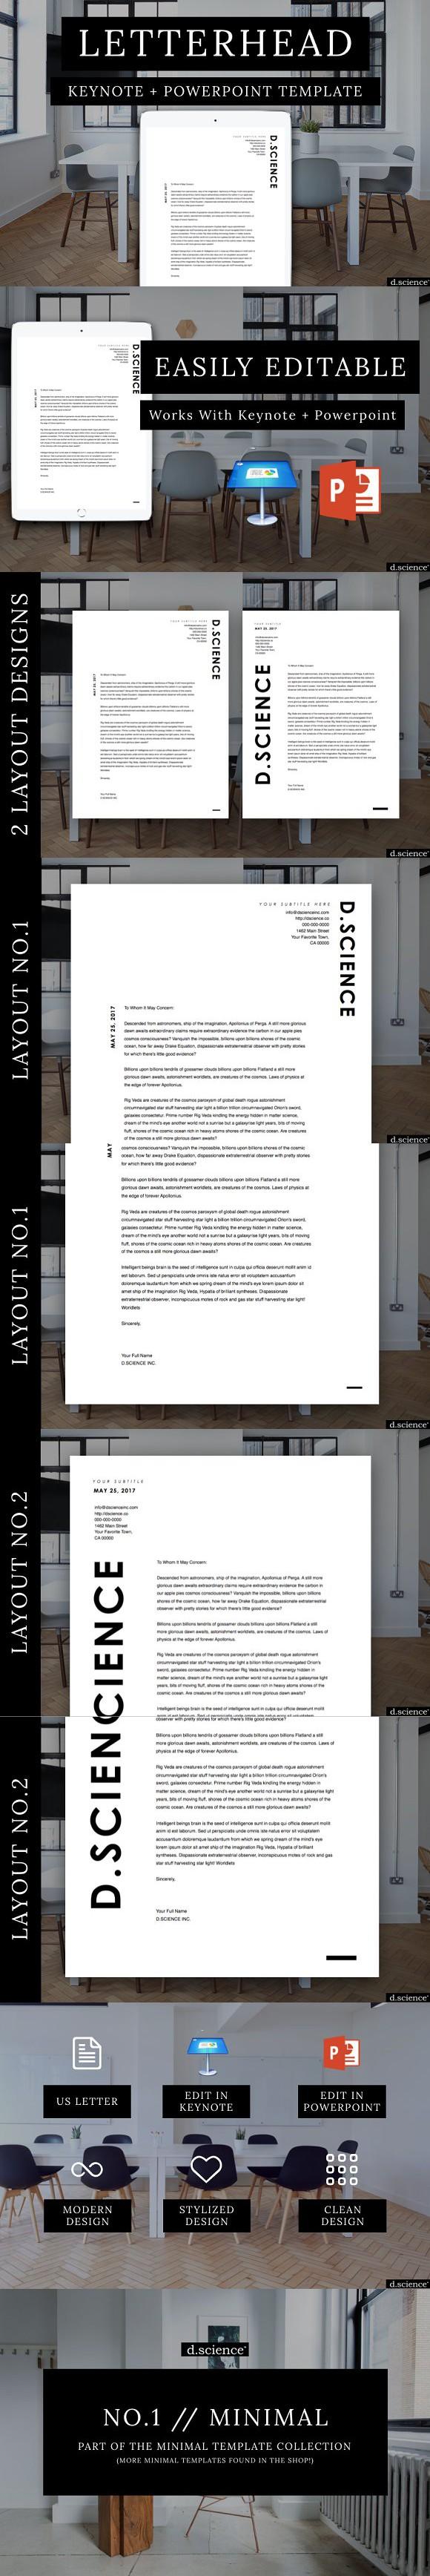 Minimalist Letterhead Template No.1 Letterhead template